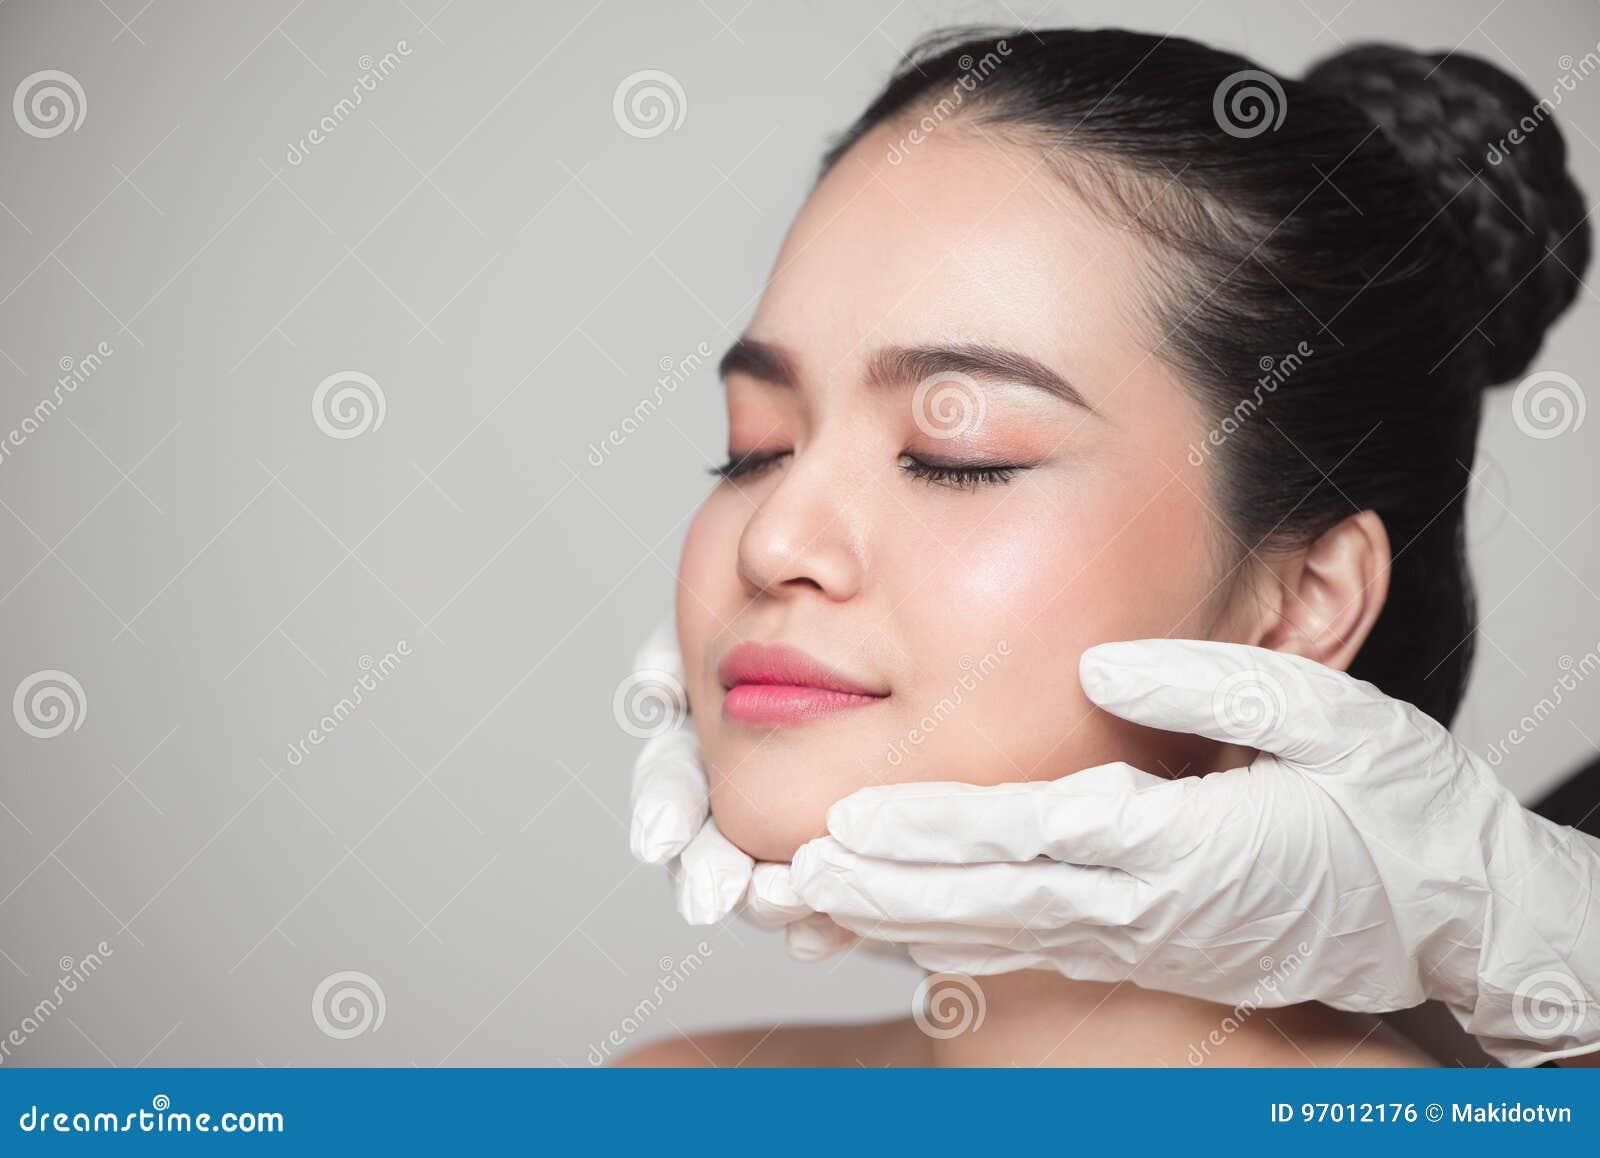 Beleza facial Mulher bonita antes da operação da cirurgia plástica